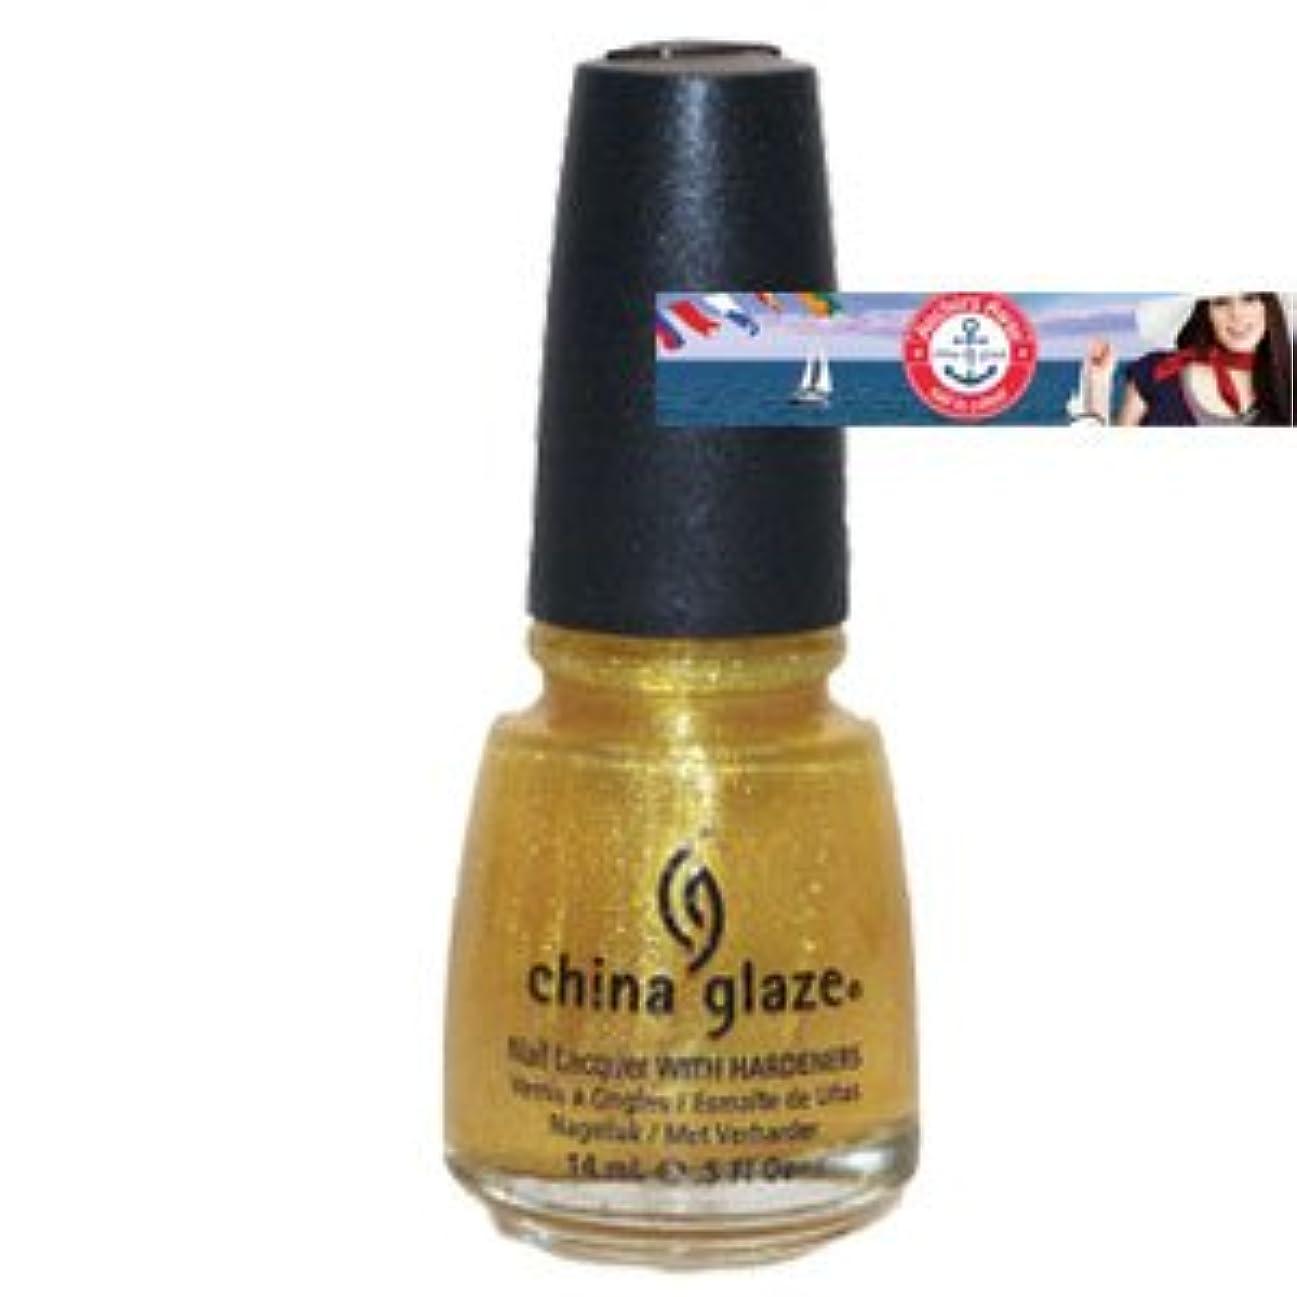 ニコチン取り壊す喜んで(チャイナグレイズ)China Glaze Anchors Away Collection?Lighthouse [海外直送品][並行輸入品]